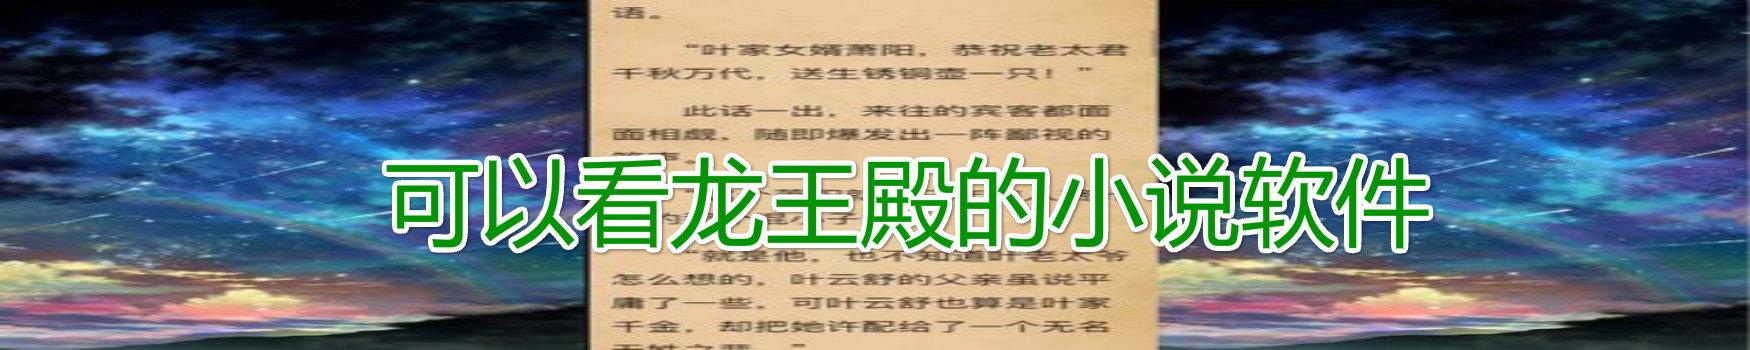 可以看龙王殿的小说软件